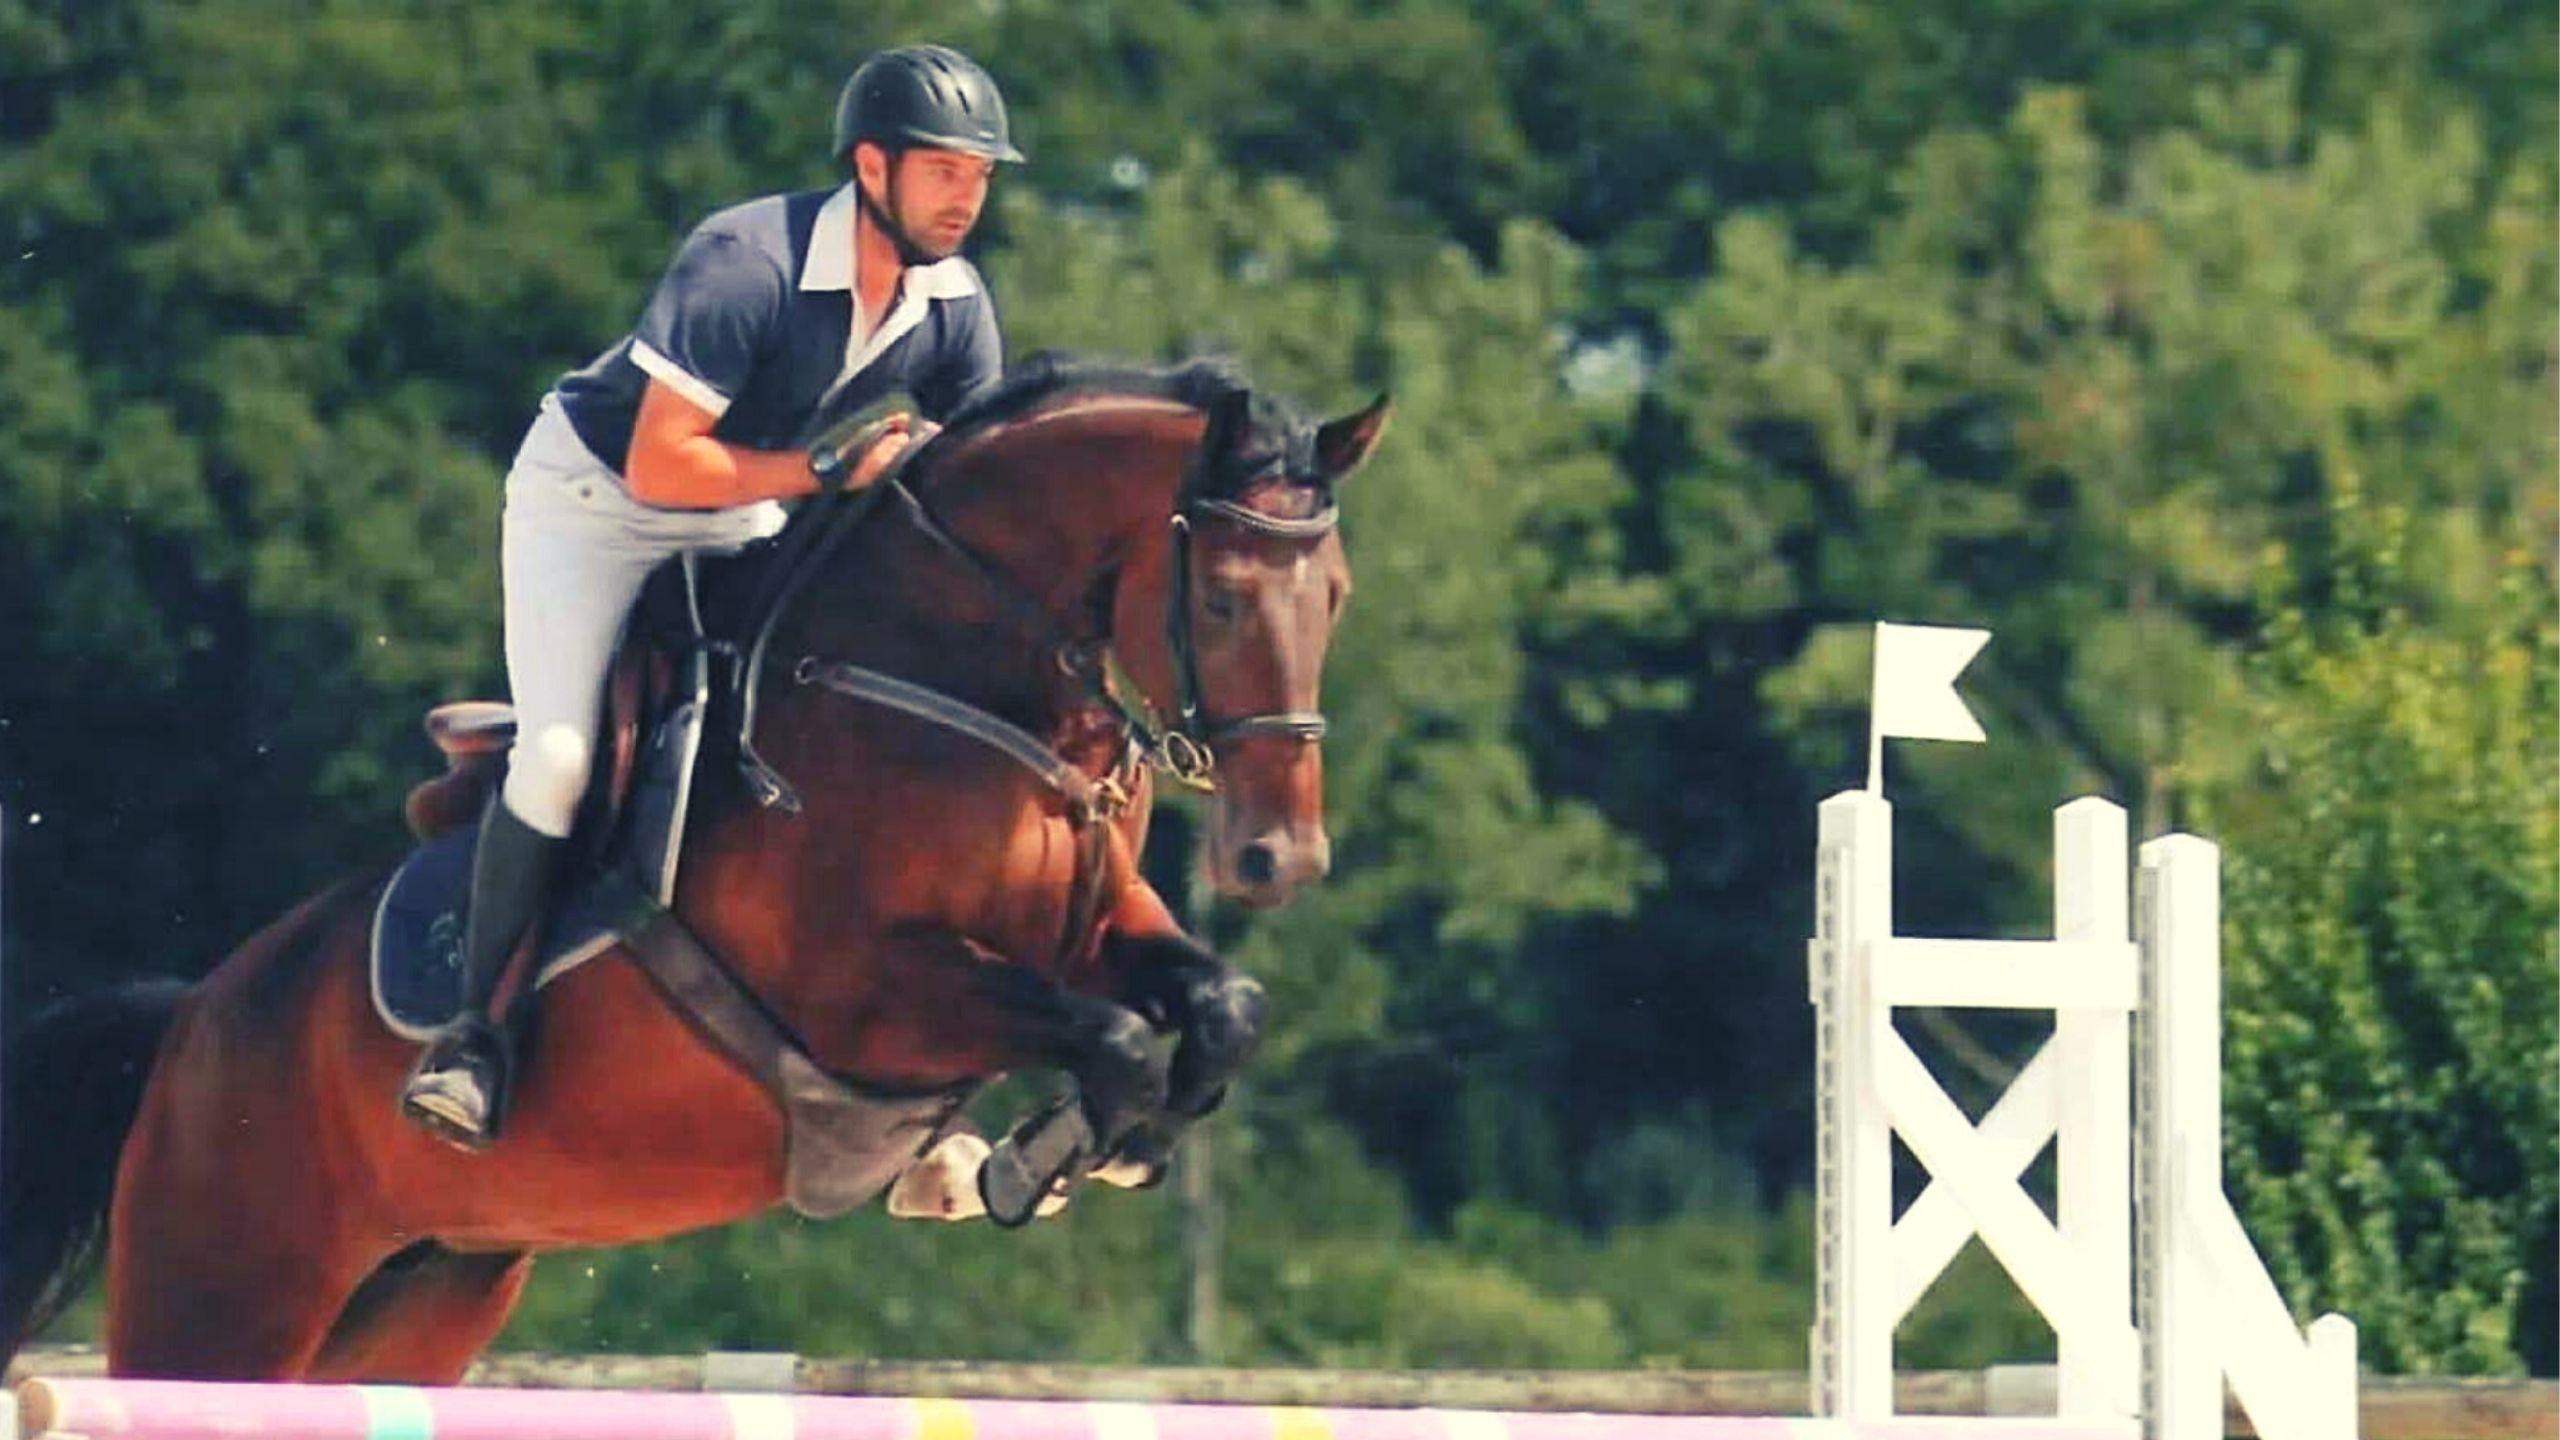 terre de sport equestre aider le cavalier et le cheval à progresser vers une equitationdans le respect et la decontraction avec des exercices en dressage et a l obstacle